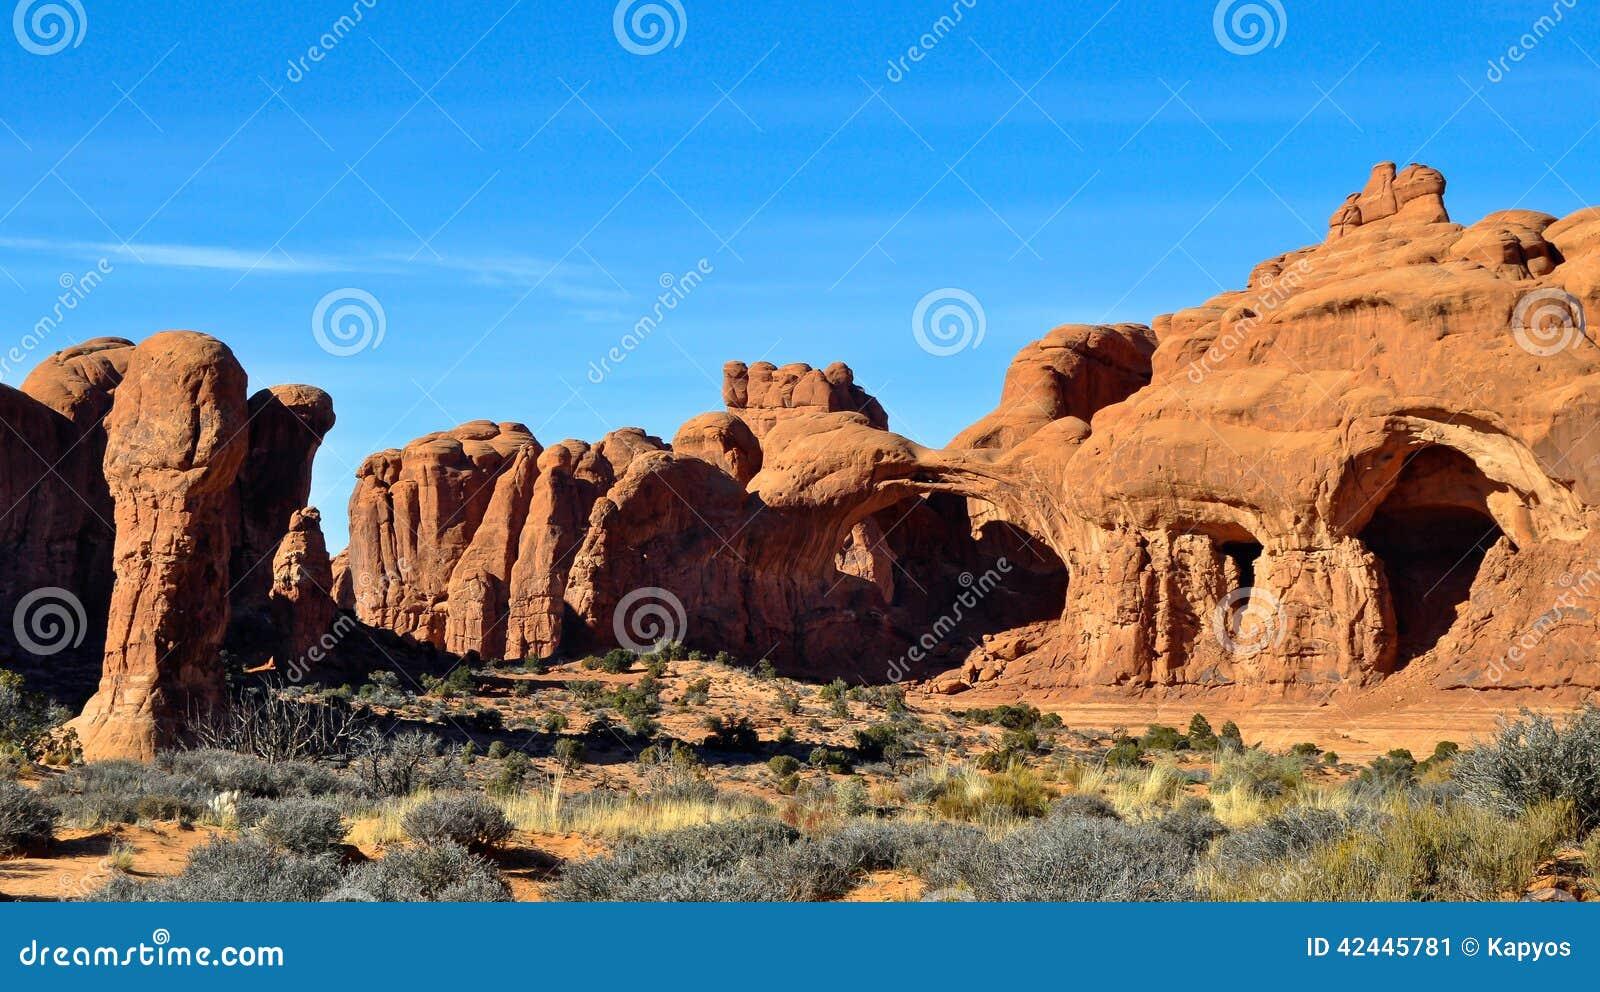 Foto común de la formación de roca roja, parque nacional de los arcos